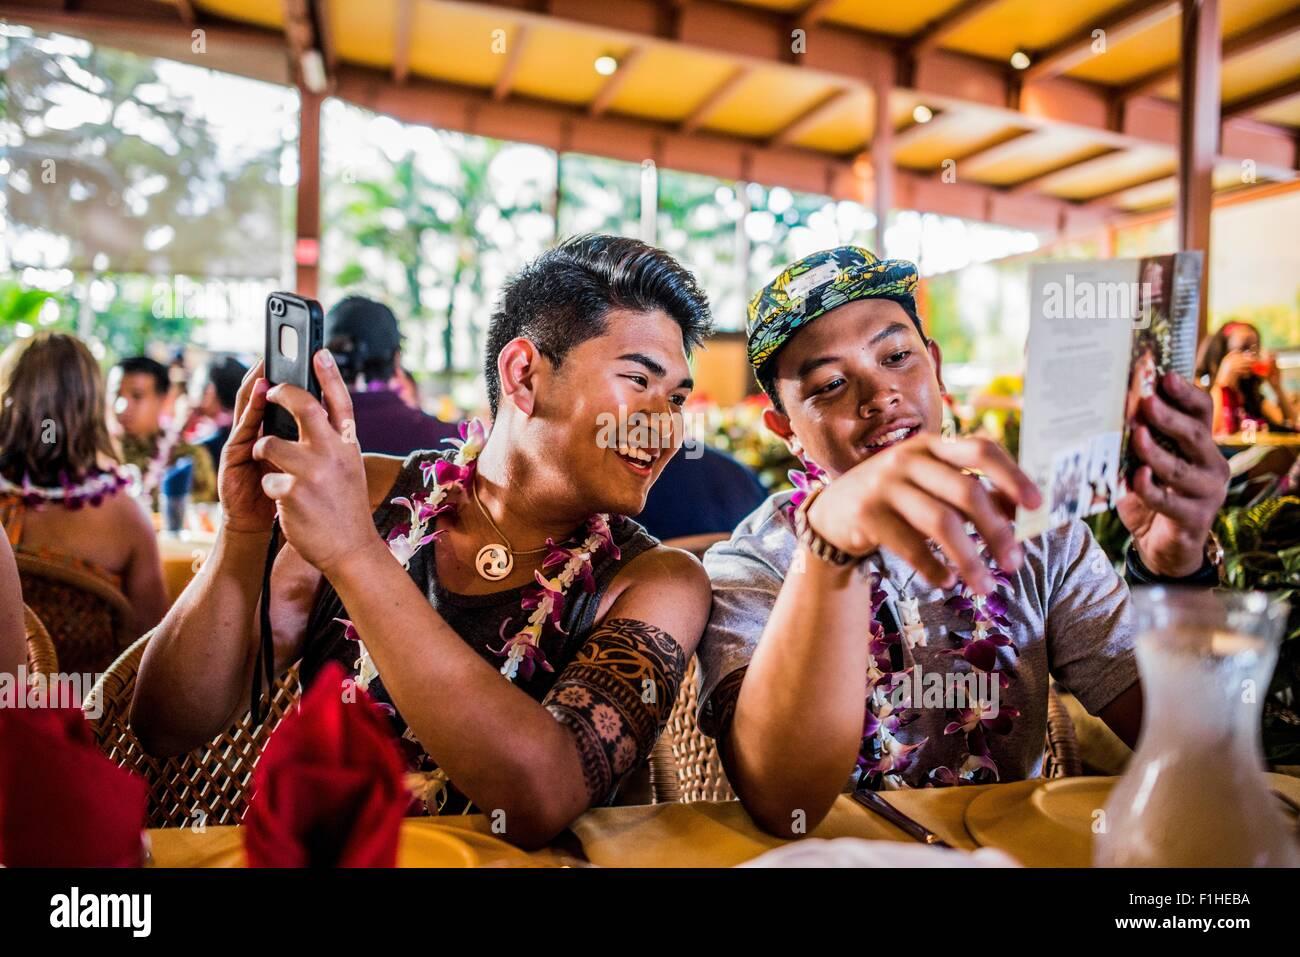 Deux jeunes hommes dans le menu lecture Polynesian Cultural Center, New York, USA Photo Stock